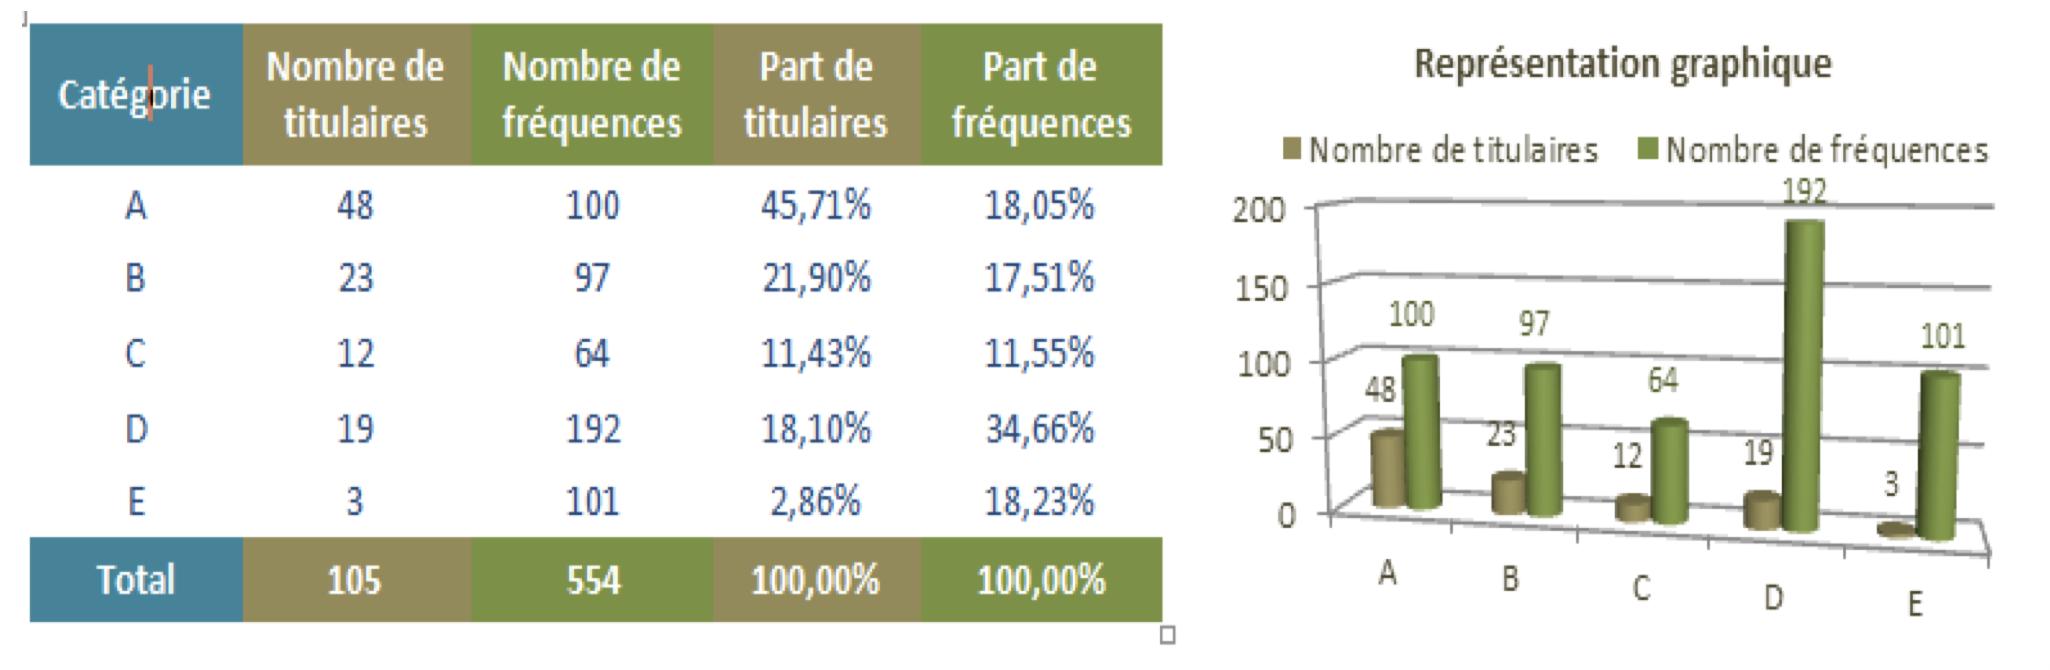 Les principaux chiffres à retenir issus du CTA de Nancy © CTA Nancy